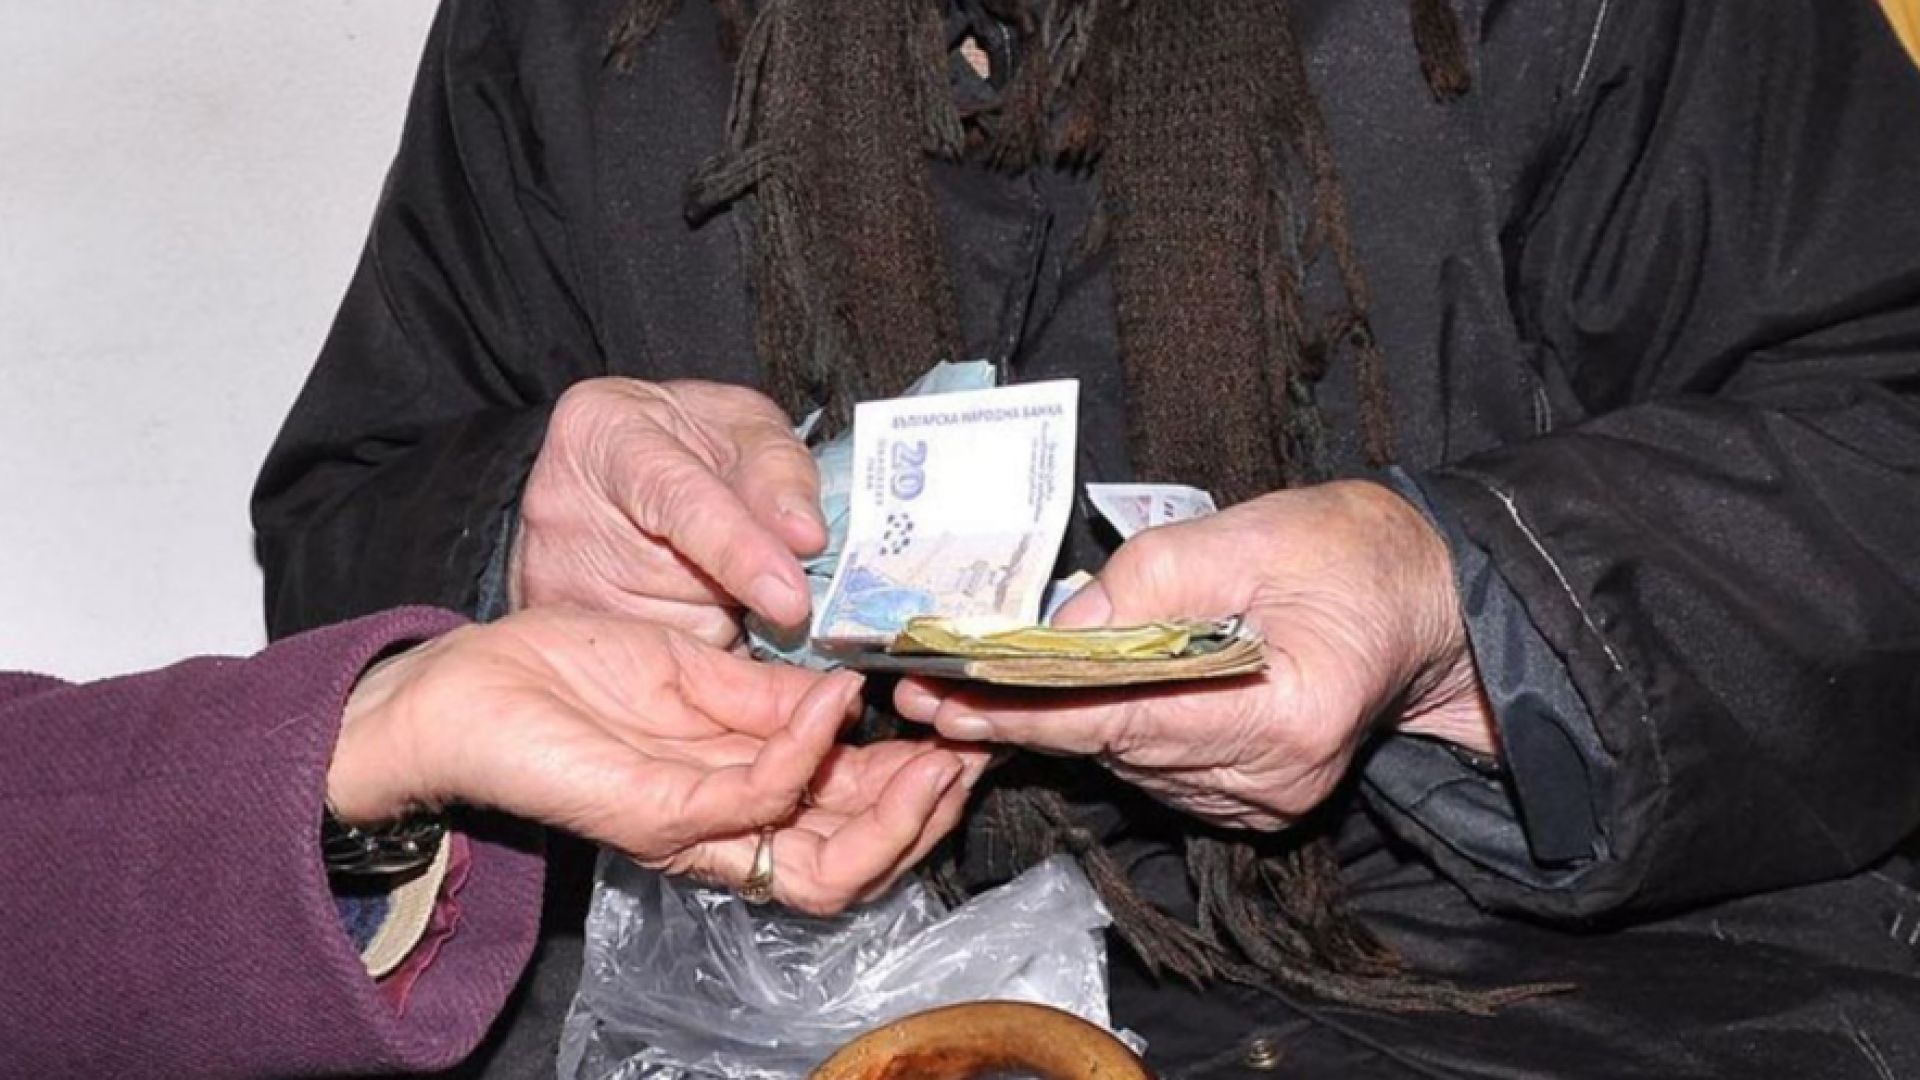 70 000 българи ще се пенсионират през 2019 г. по нова система